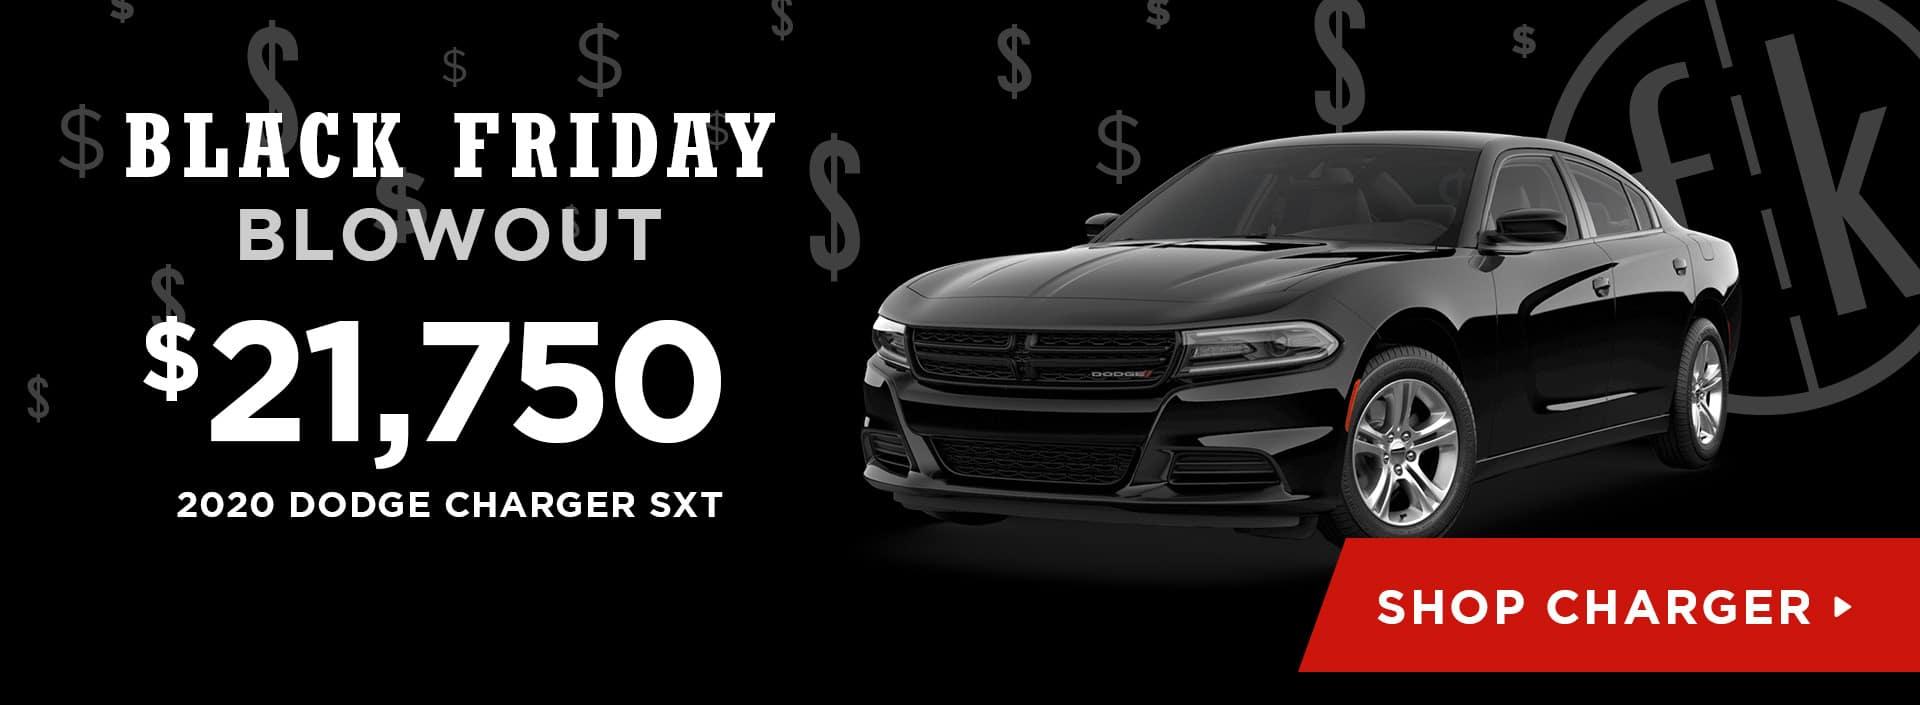 $21,750 2020 Dodge Charger SXT